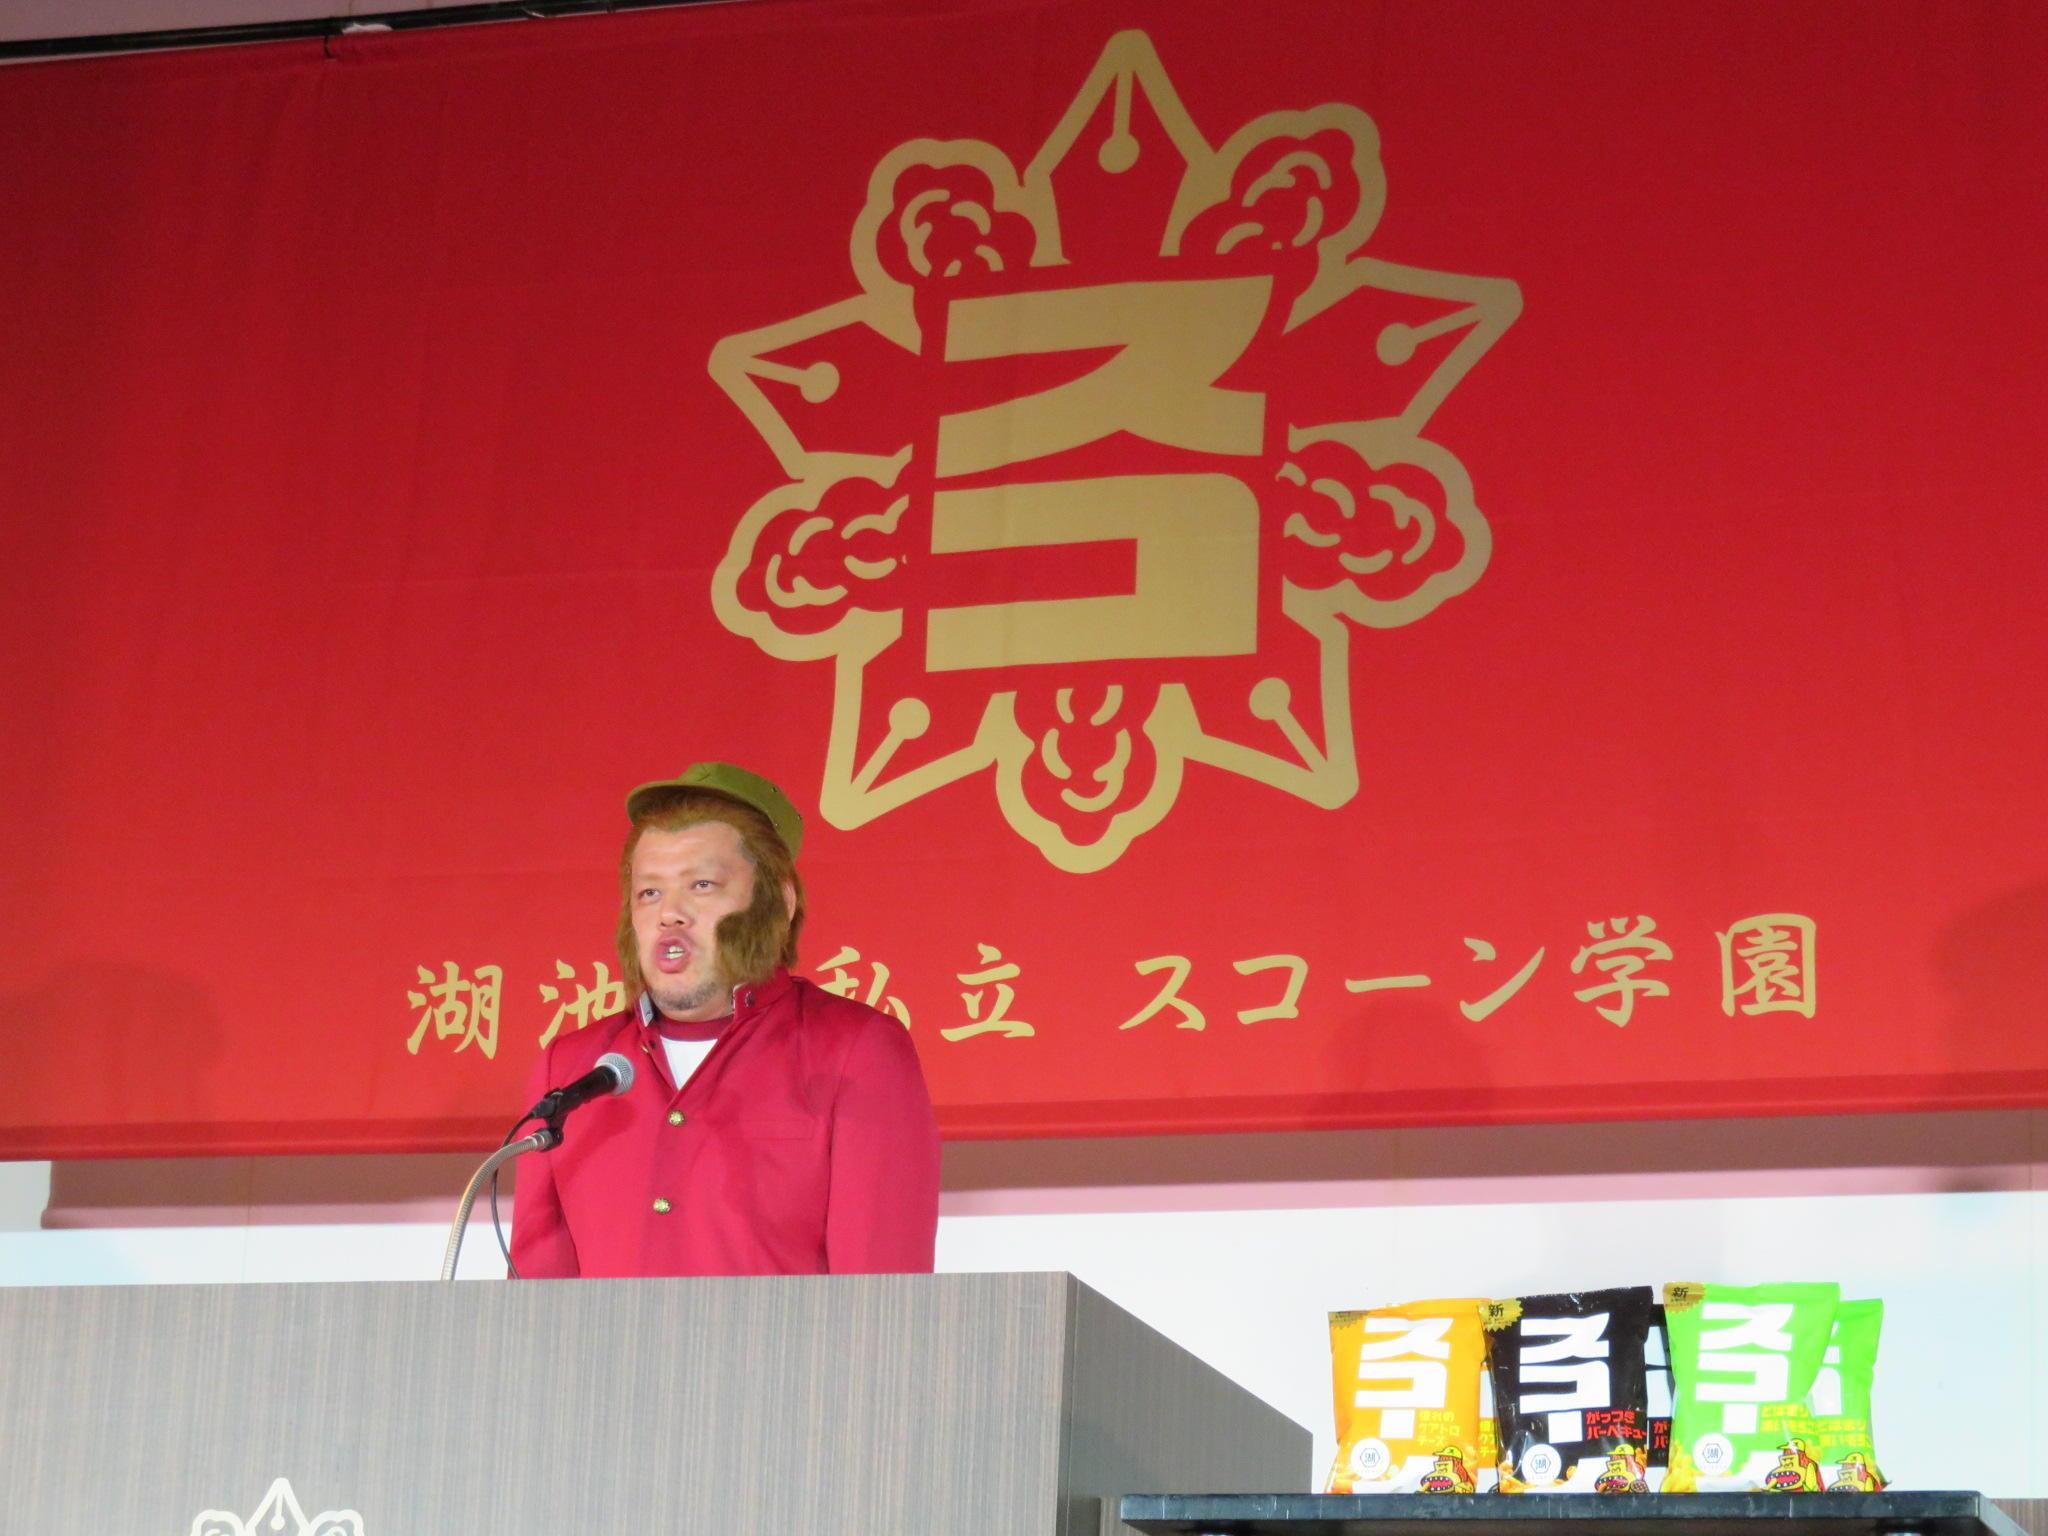 http://news.yoshimoto.co.jp/20181129222711-5c368f2f0cc2d5cb9f26831fb211d799a0cb3eb5.jpg